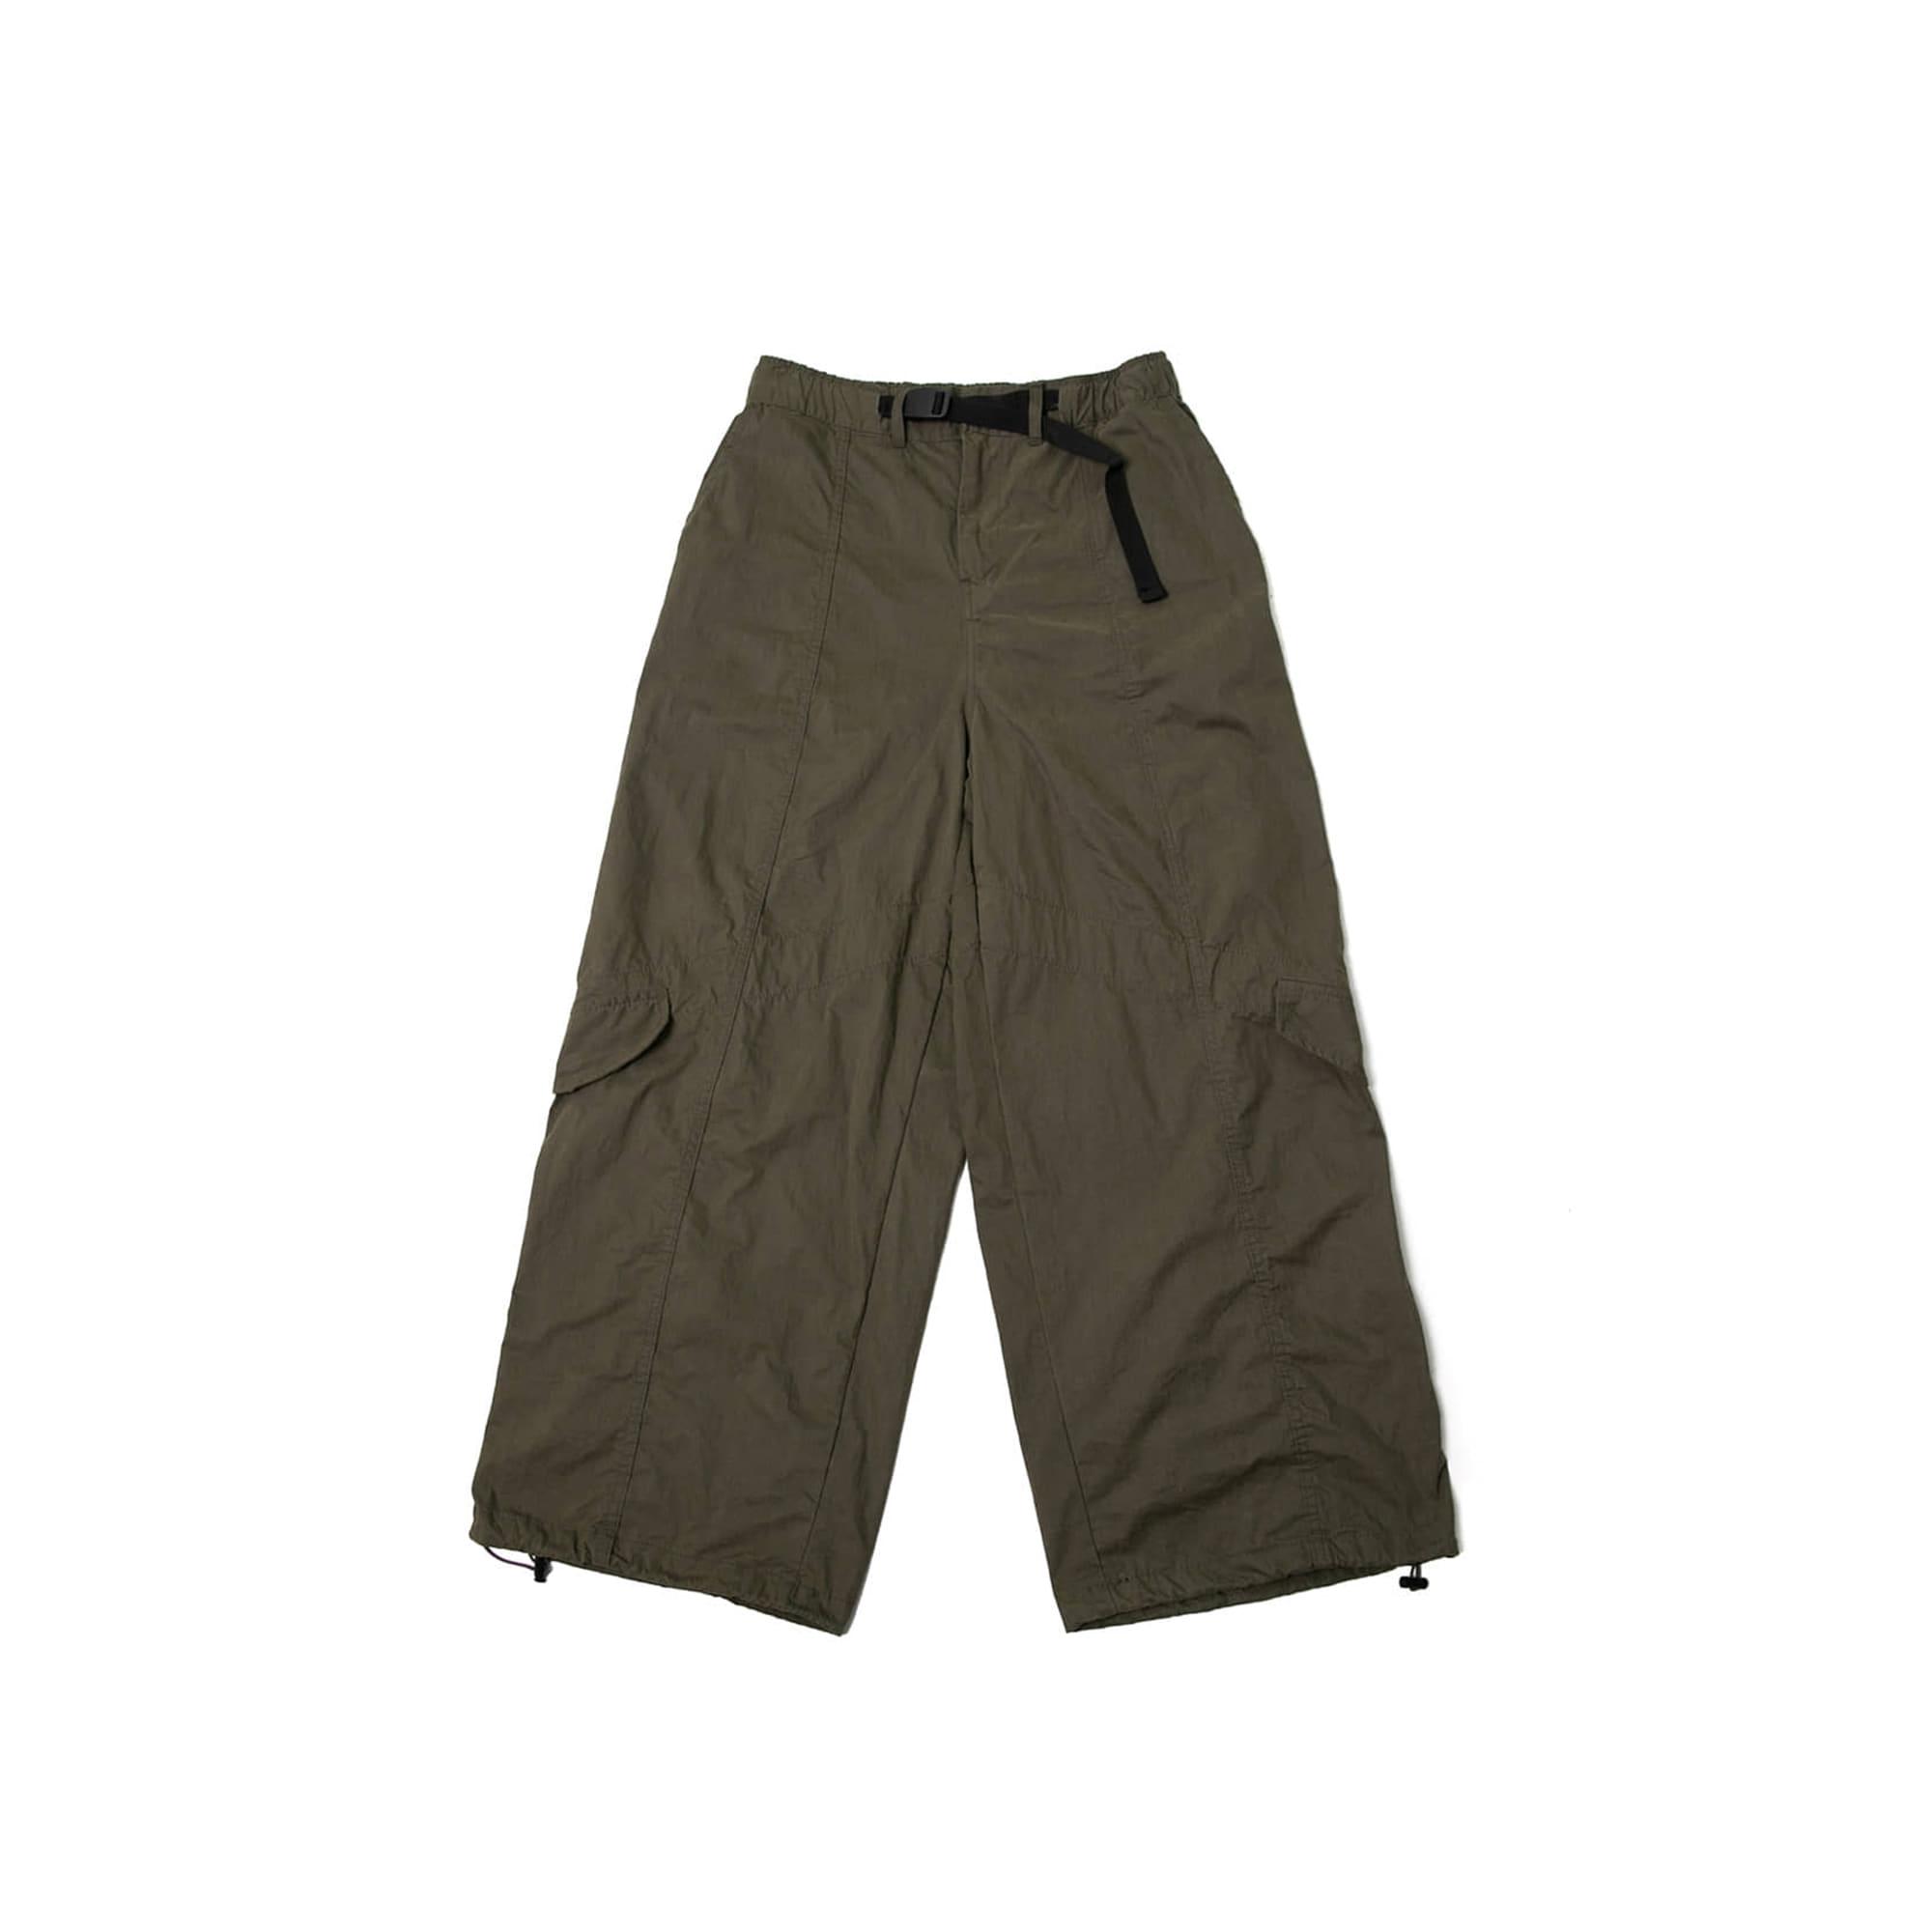 Belt Army Balloon Pants - Khaki